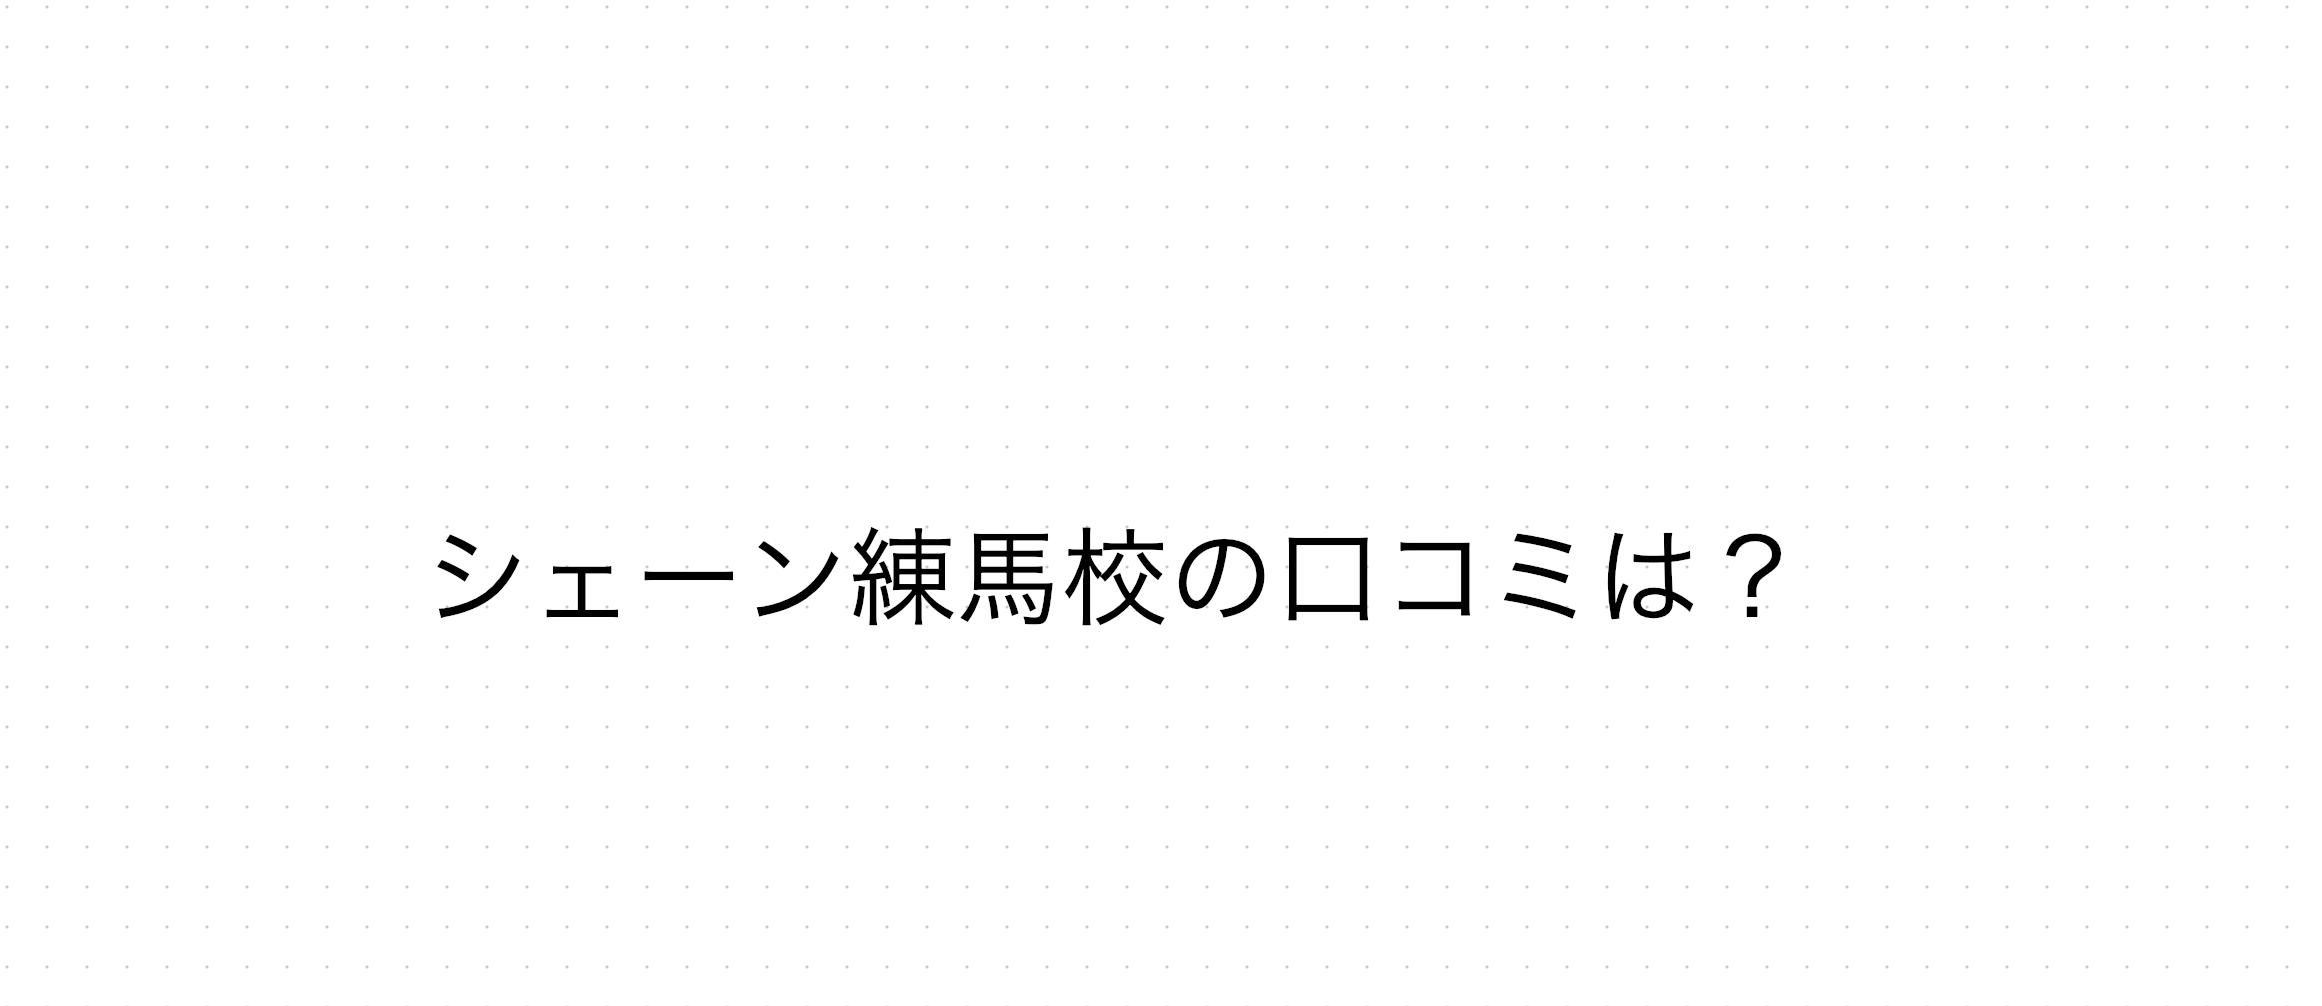 【効果あり?】シェーン英会話(練馬校)の口コミや評判は?体験レポート付き!